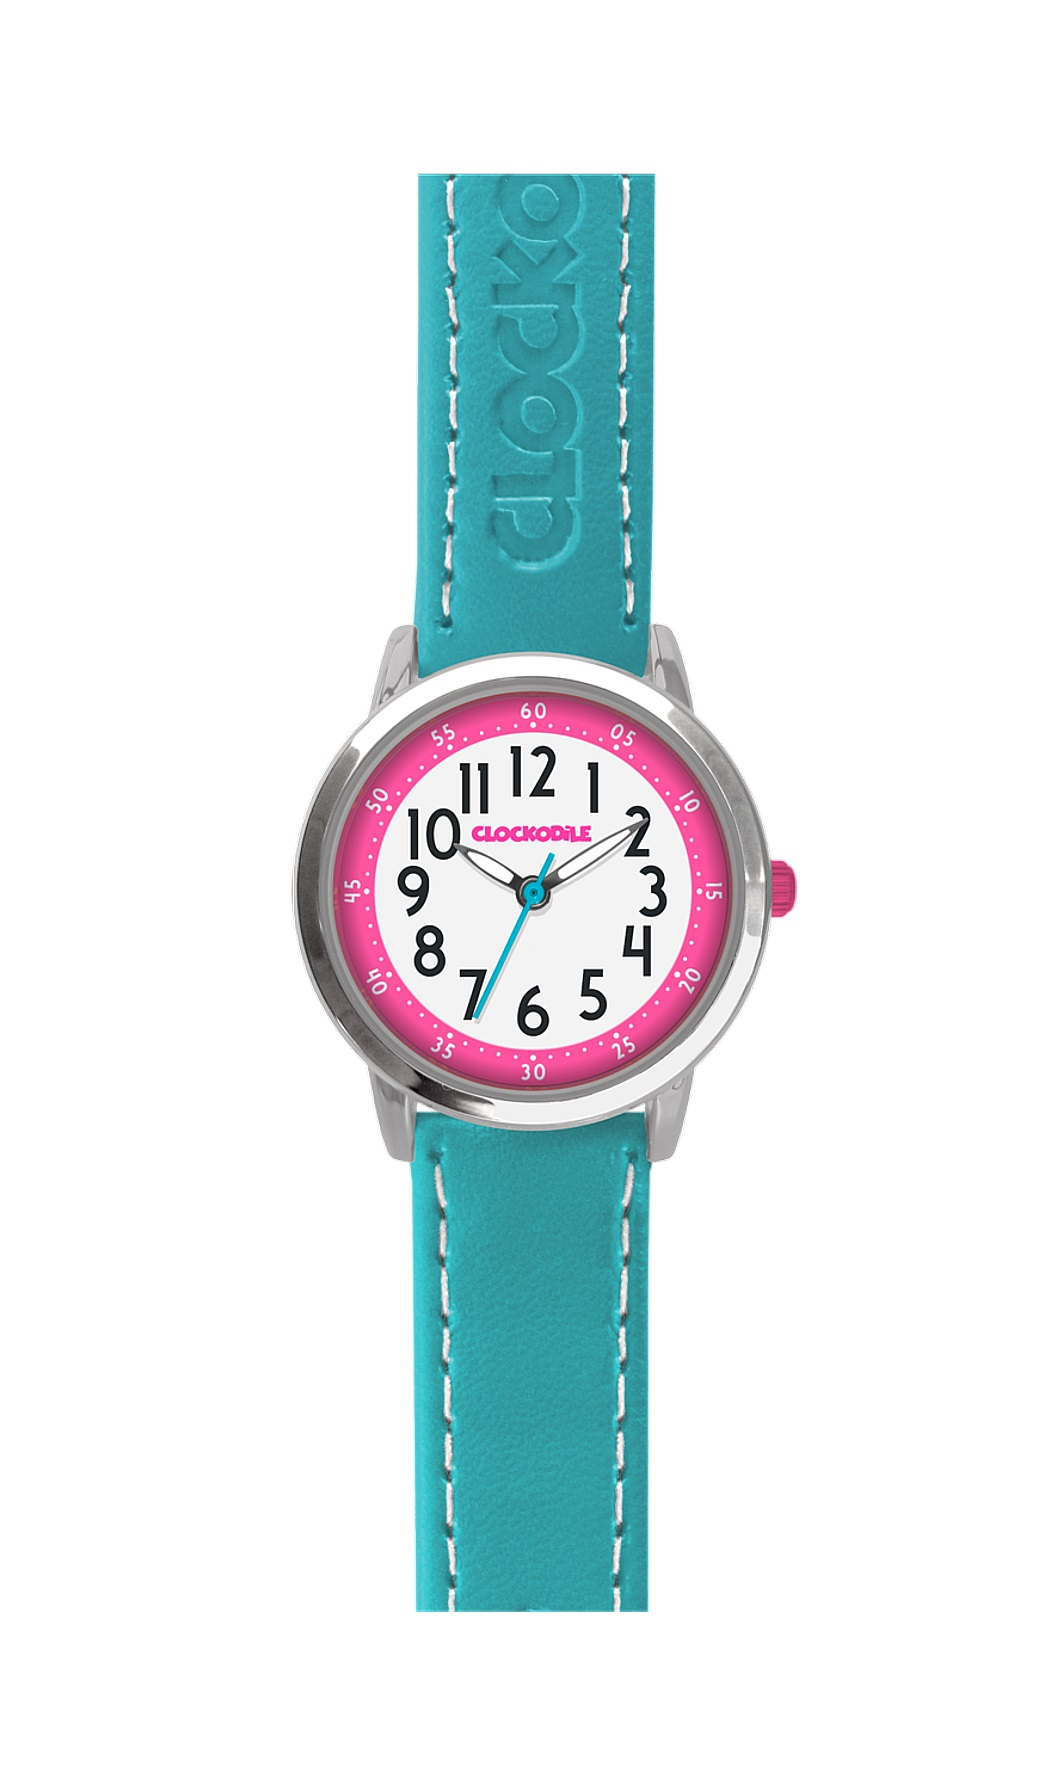 Tyrkysové dětské dívčí hodinky CLOCKODILE COLOUR CWG5011 (CWG5011)